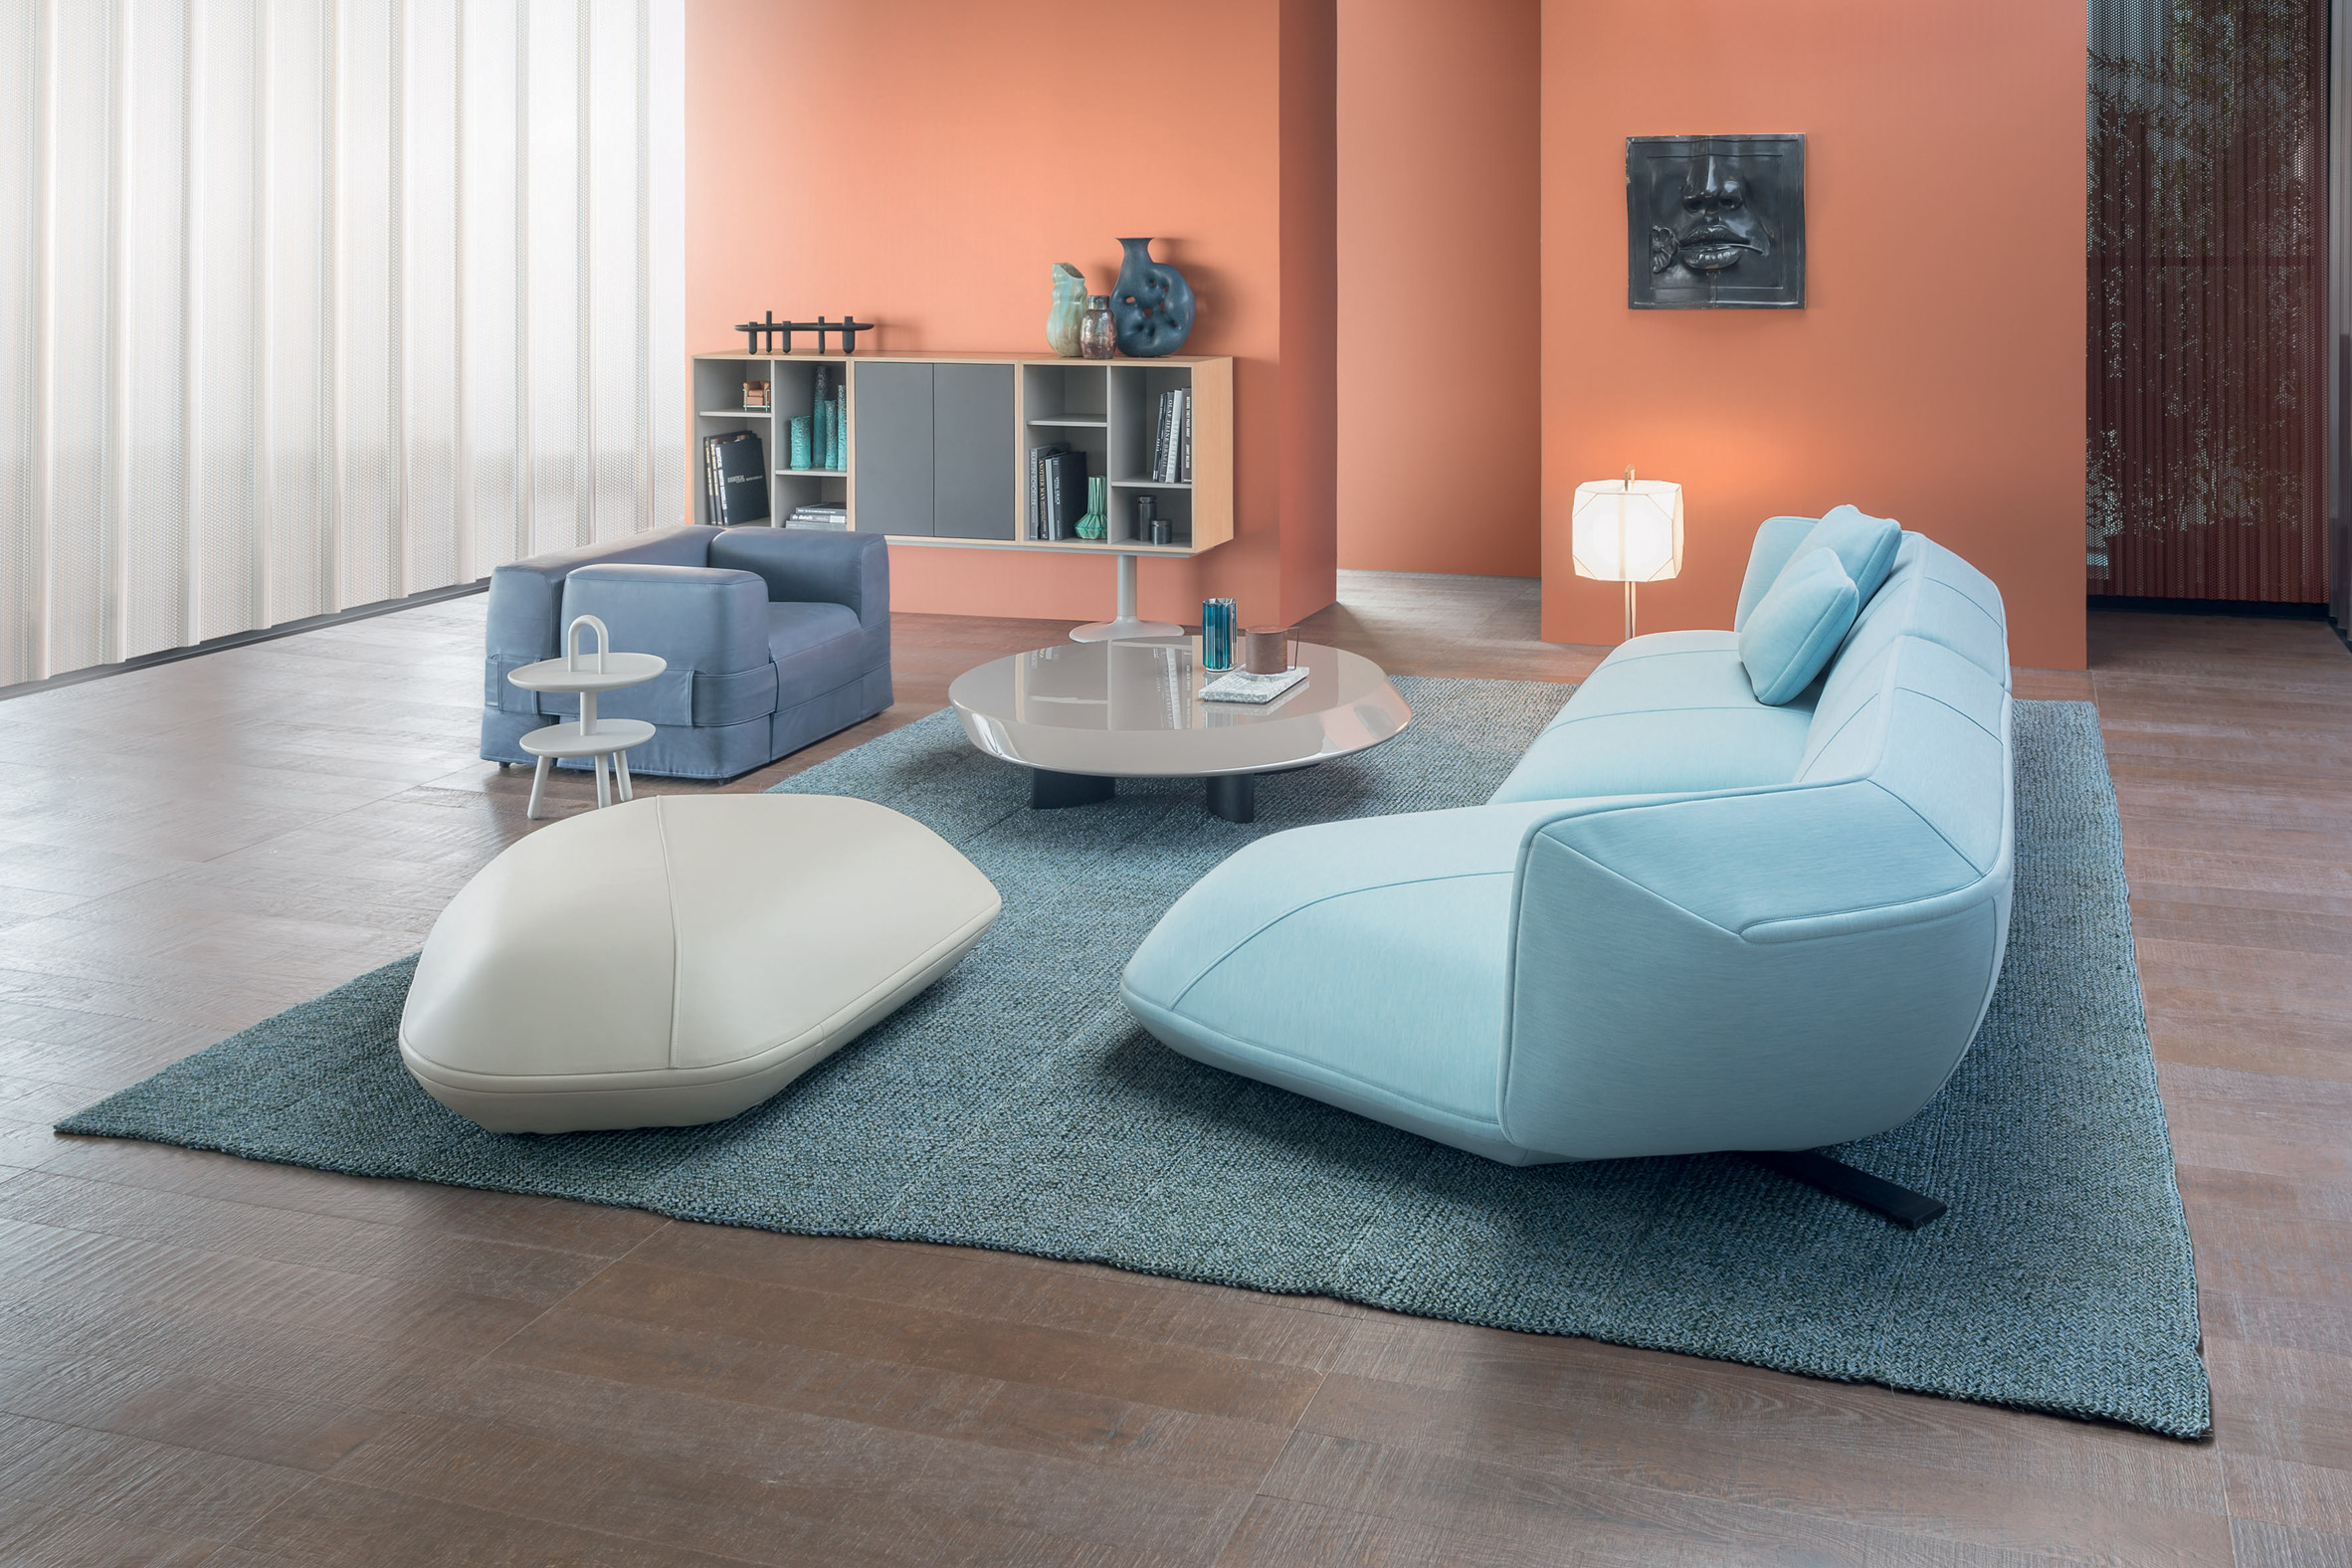 cassina-floe-insel-patricia-urquiola-design-furniture-milan-_dezeen_2364_col_5